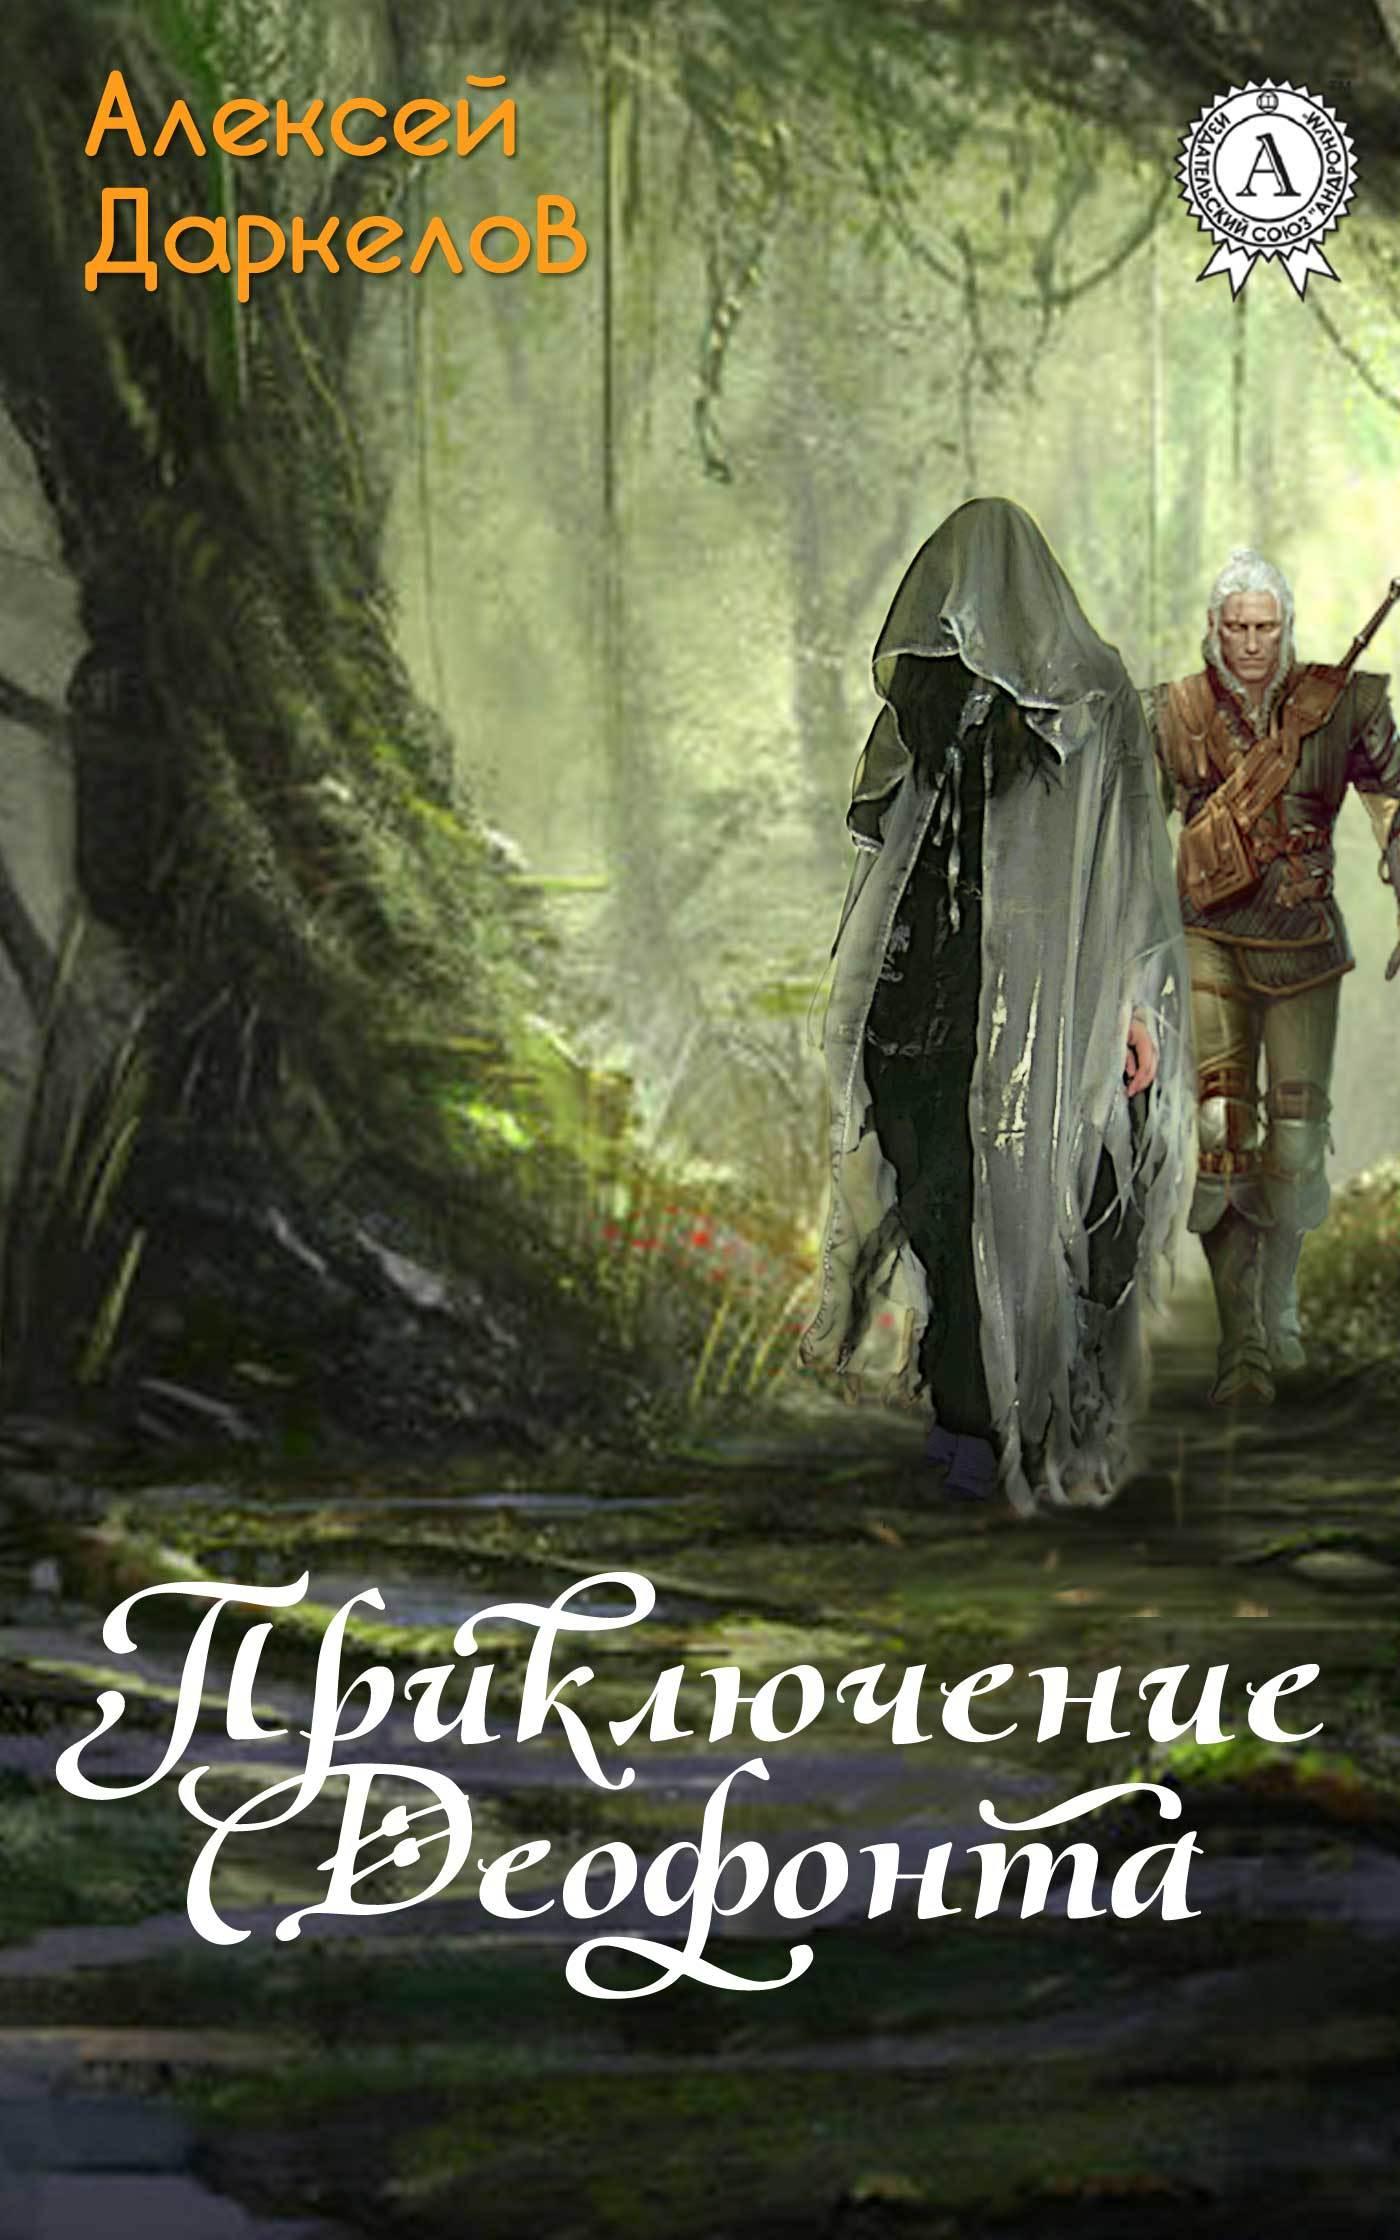 Обложка книги Приключение Деофонта, автор Даркелов, Алексей